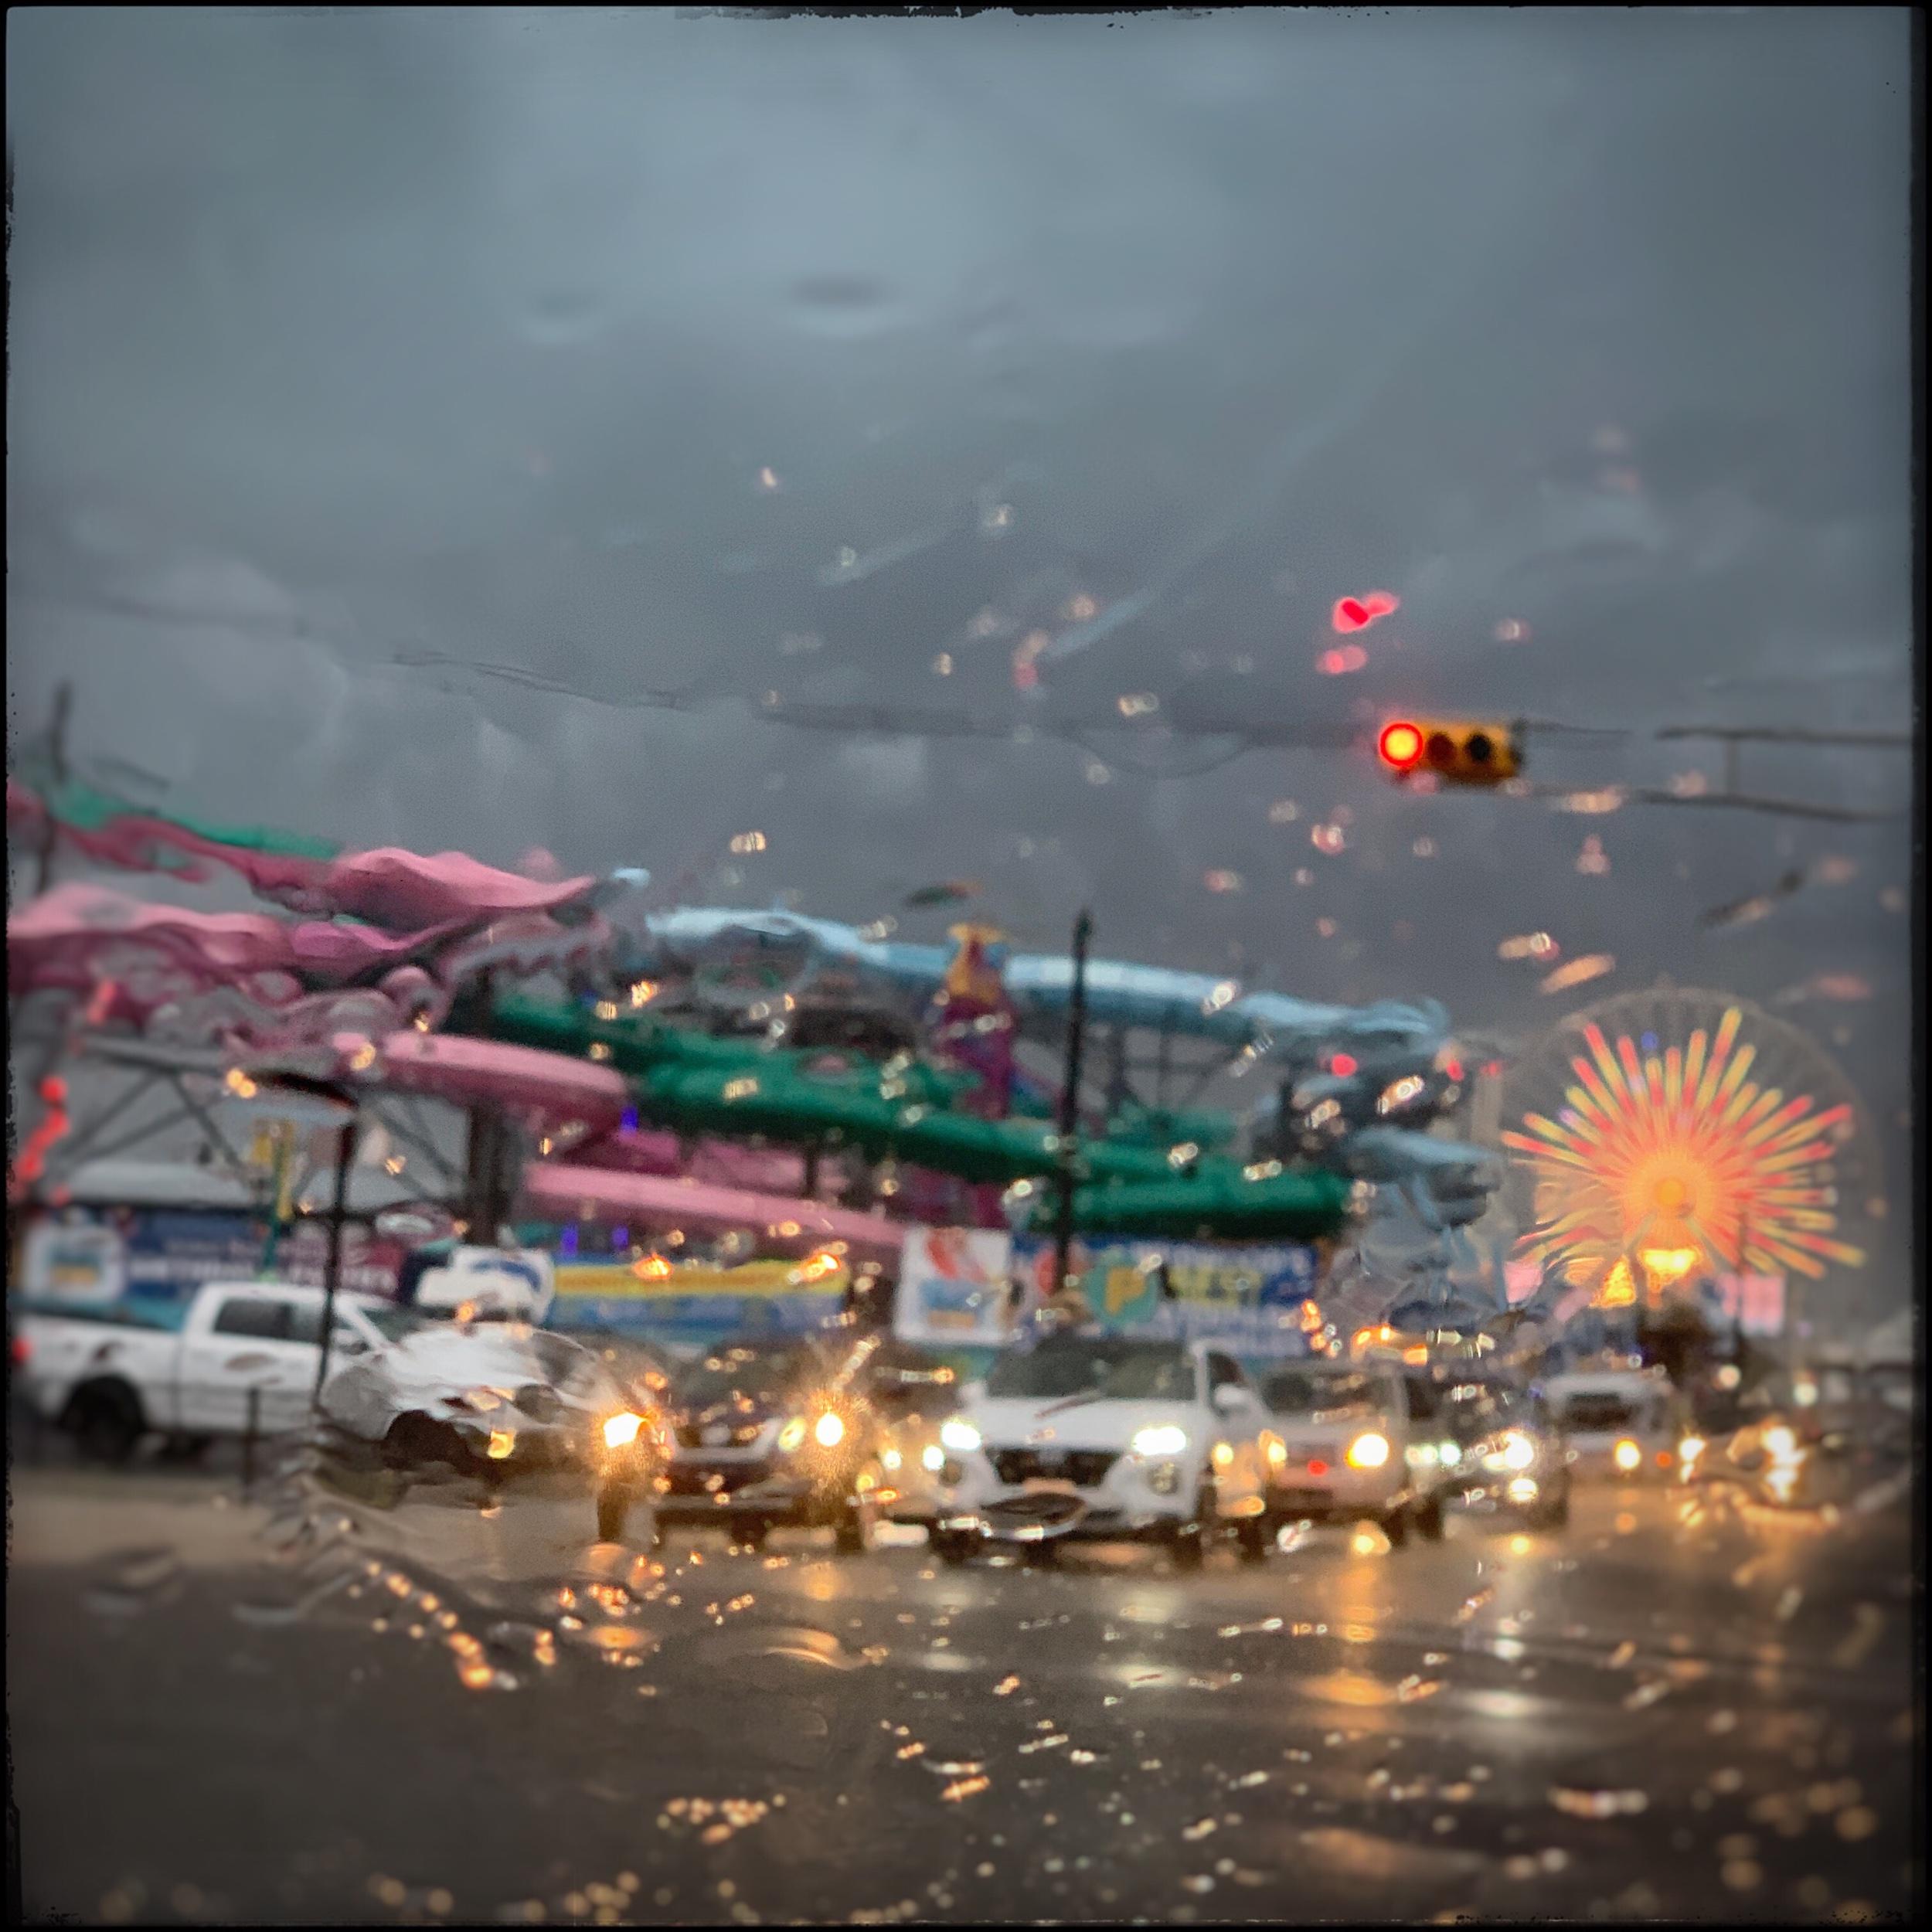 Rain on windshield   ~ Wildwood, NJ (embiggenable) • iPhone